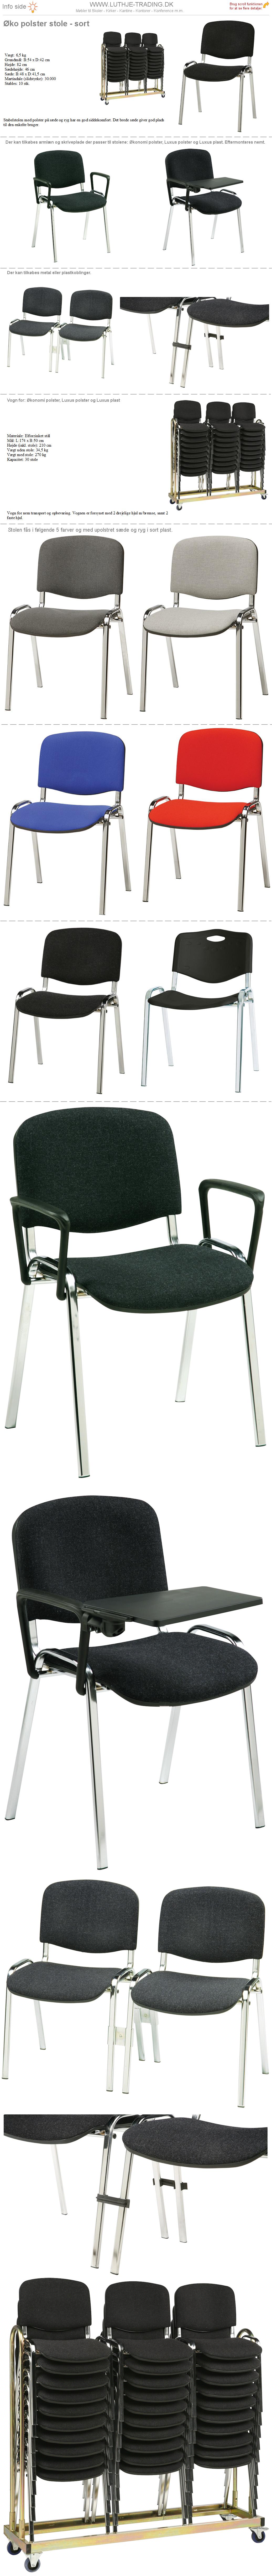 Stabelstol Øko polster med sort stof